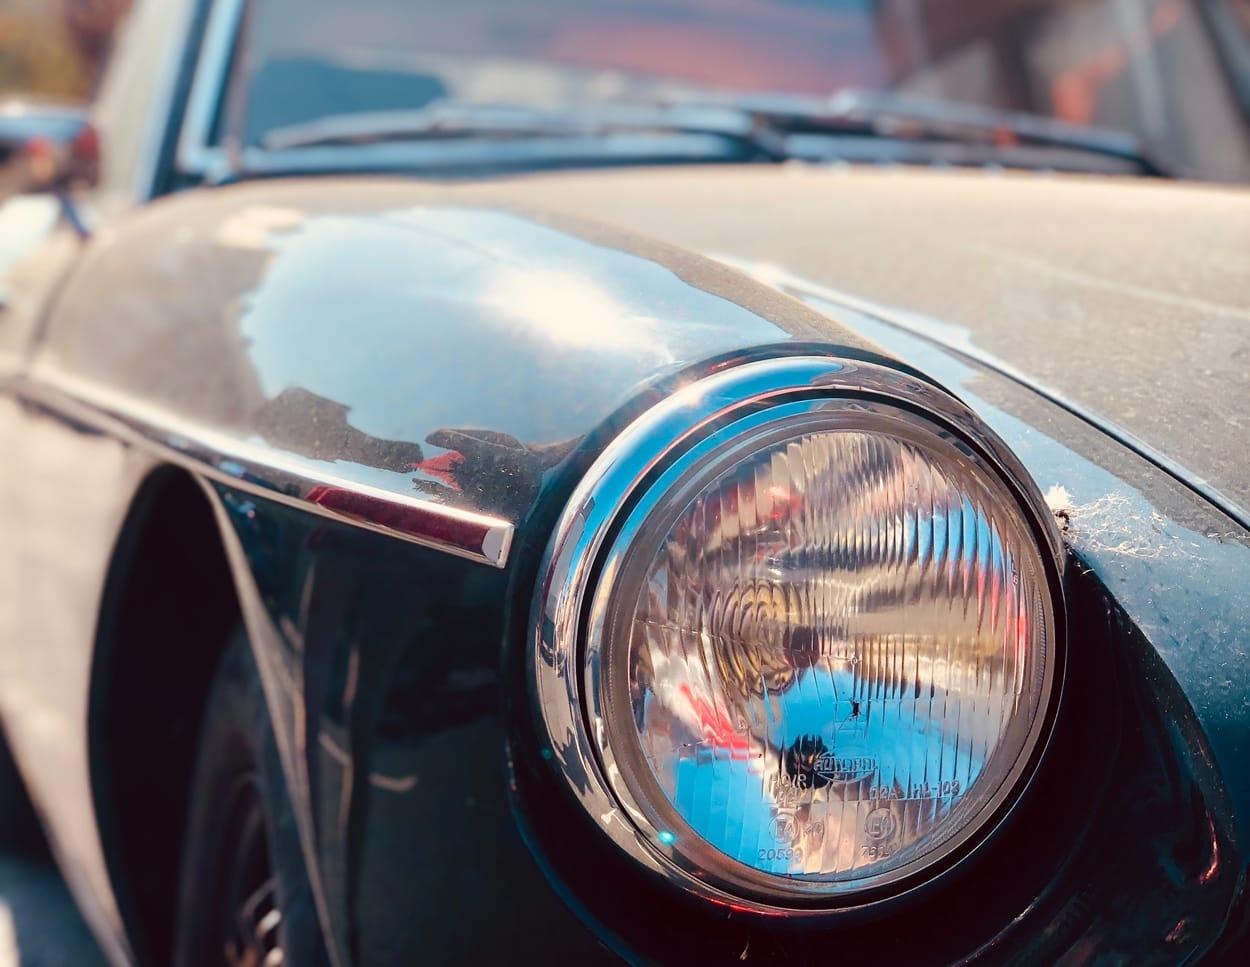 Find gamle og klassiske specialbiler på bilauktion